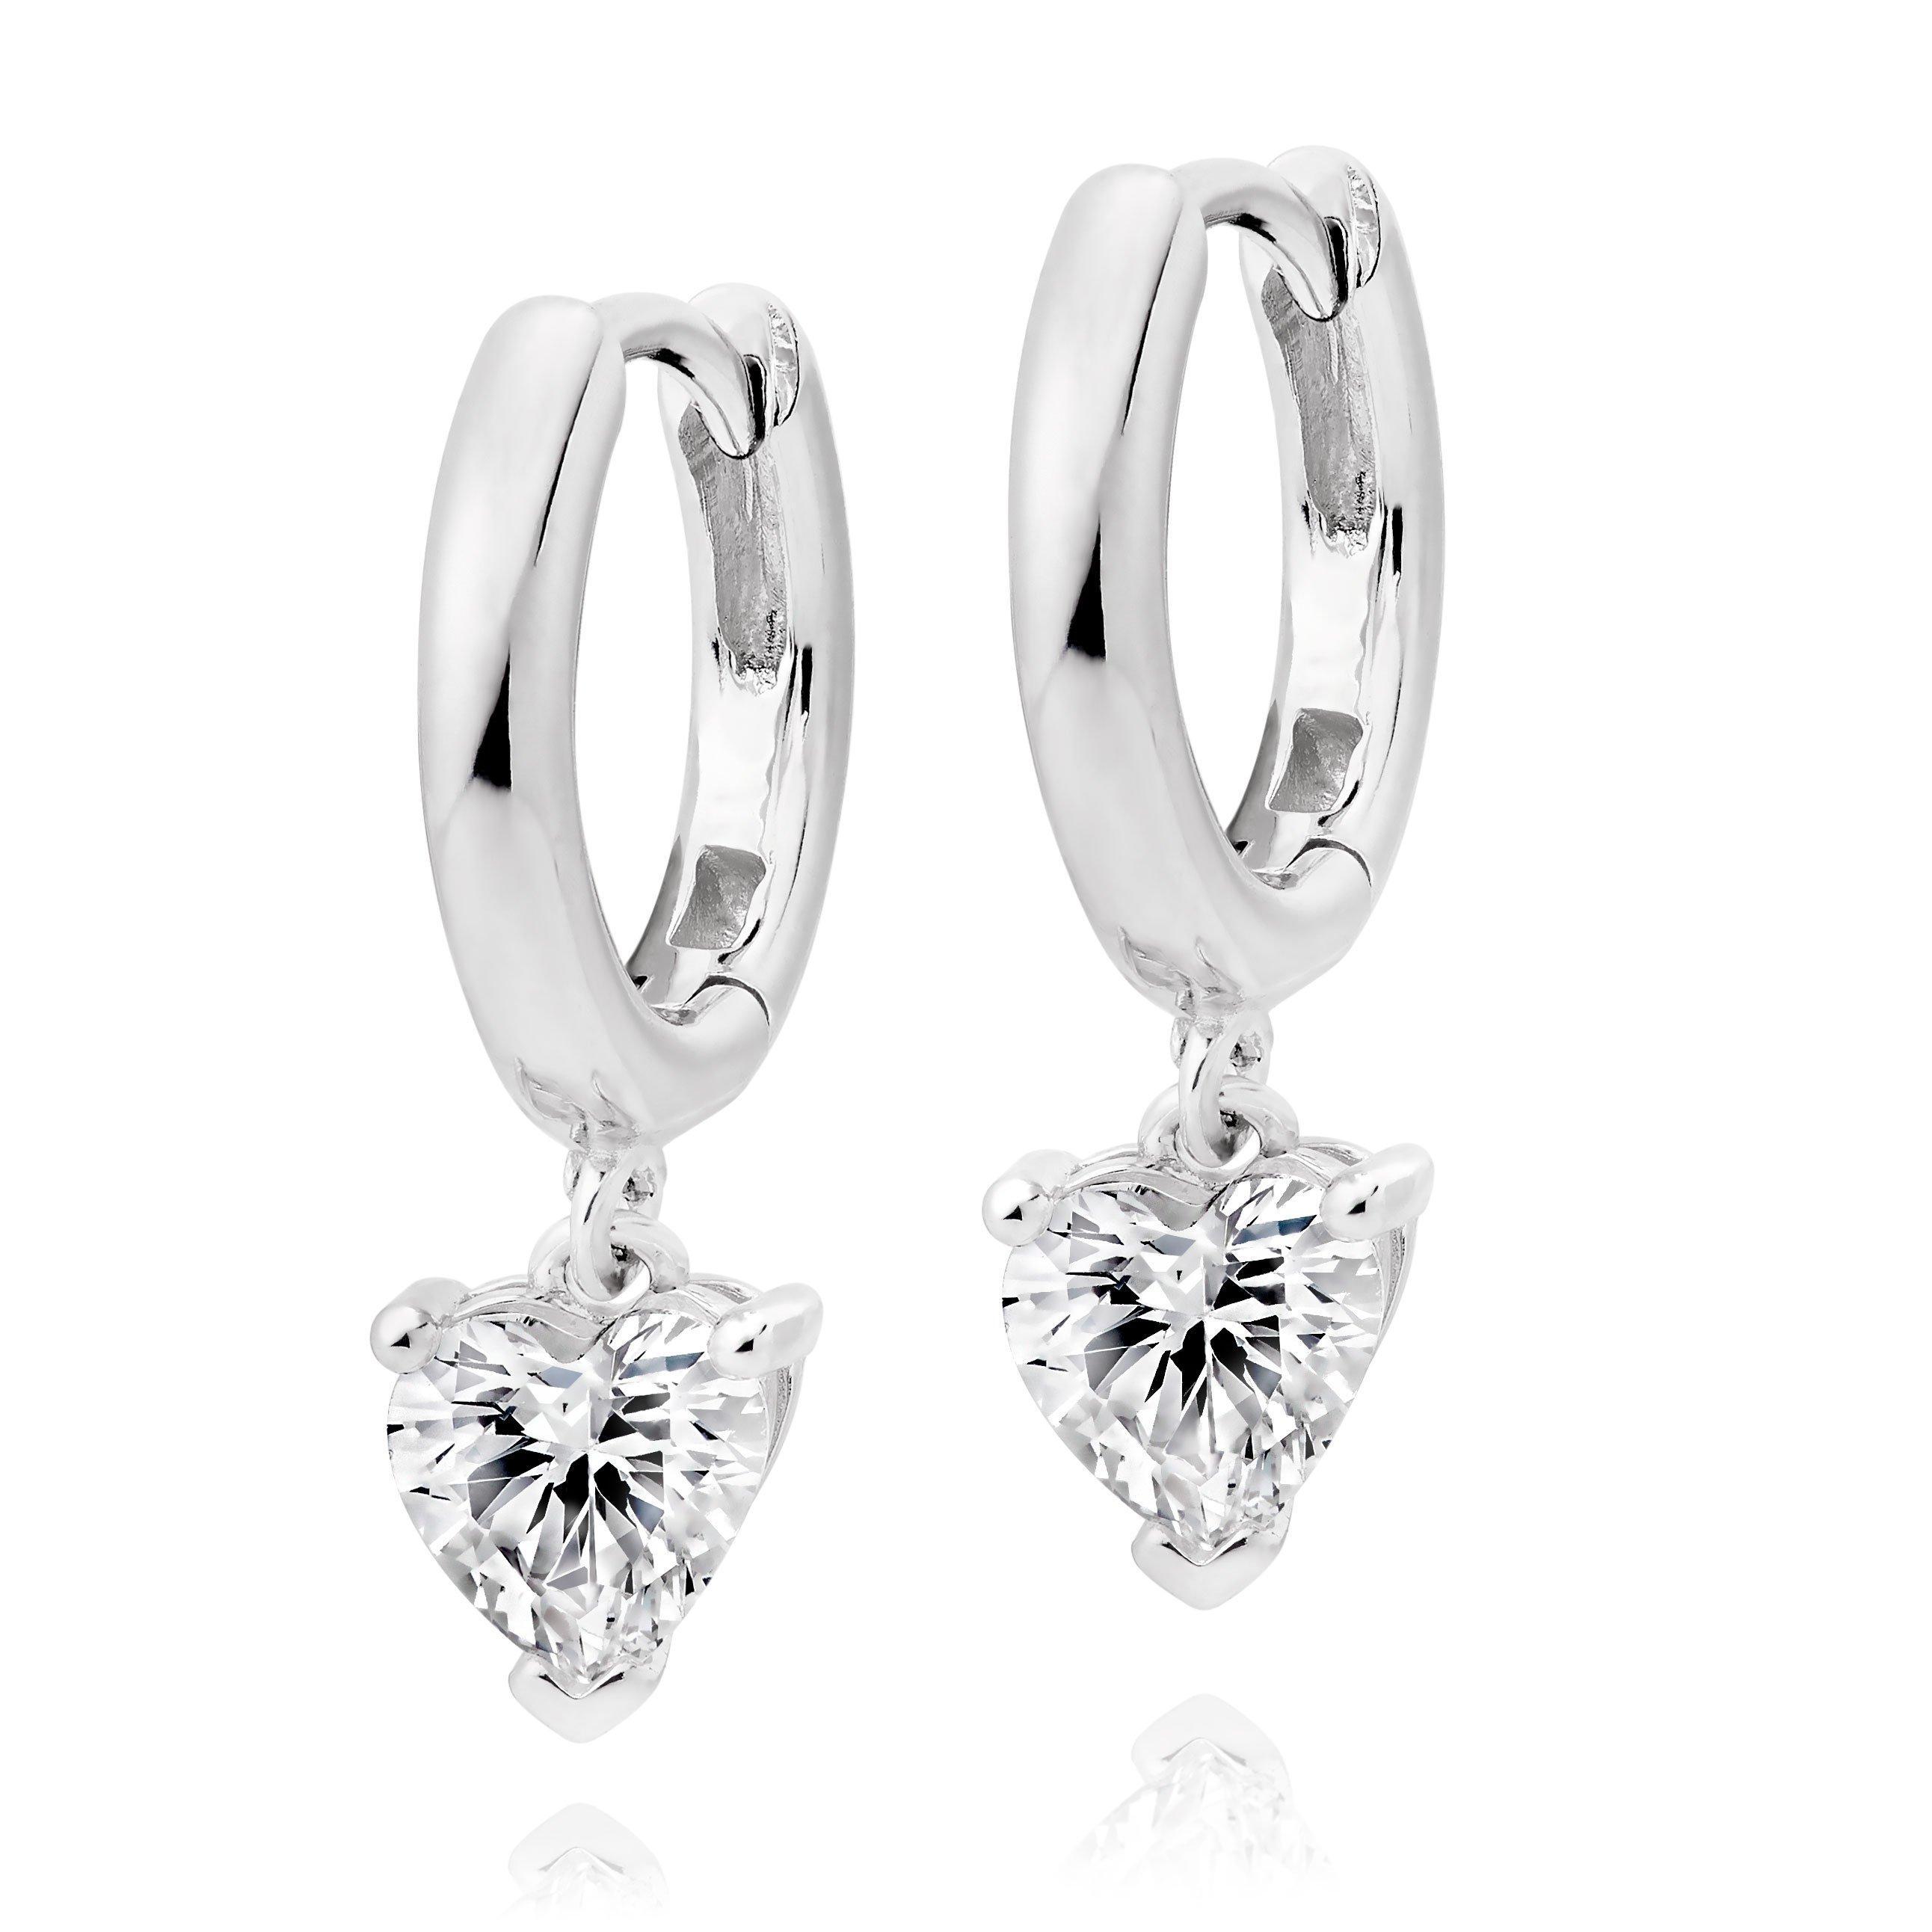 Silver Cubic Zirconia Heart Charm Hoop Earrings